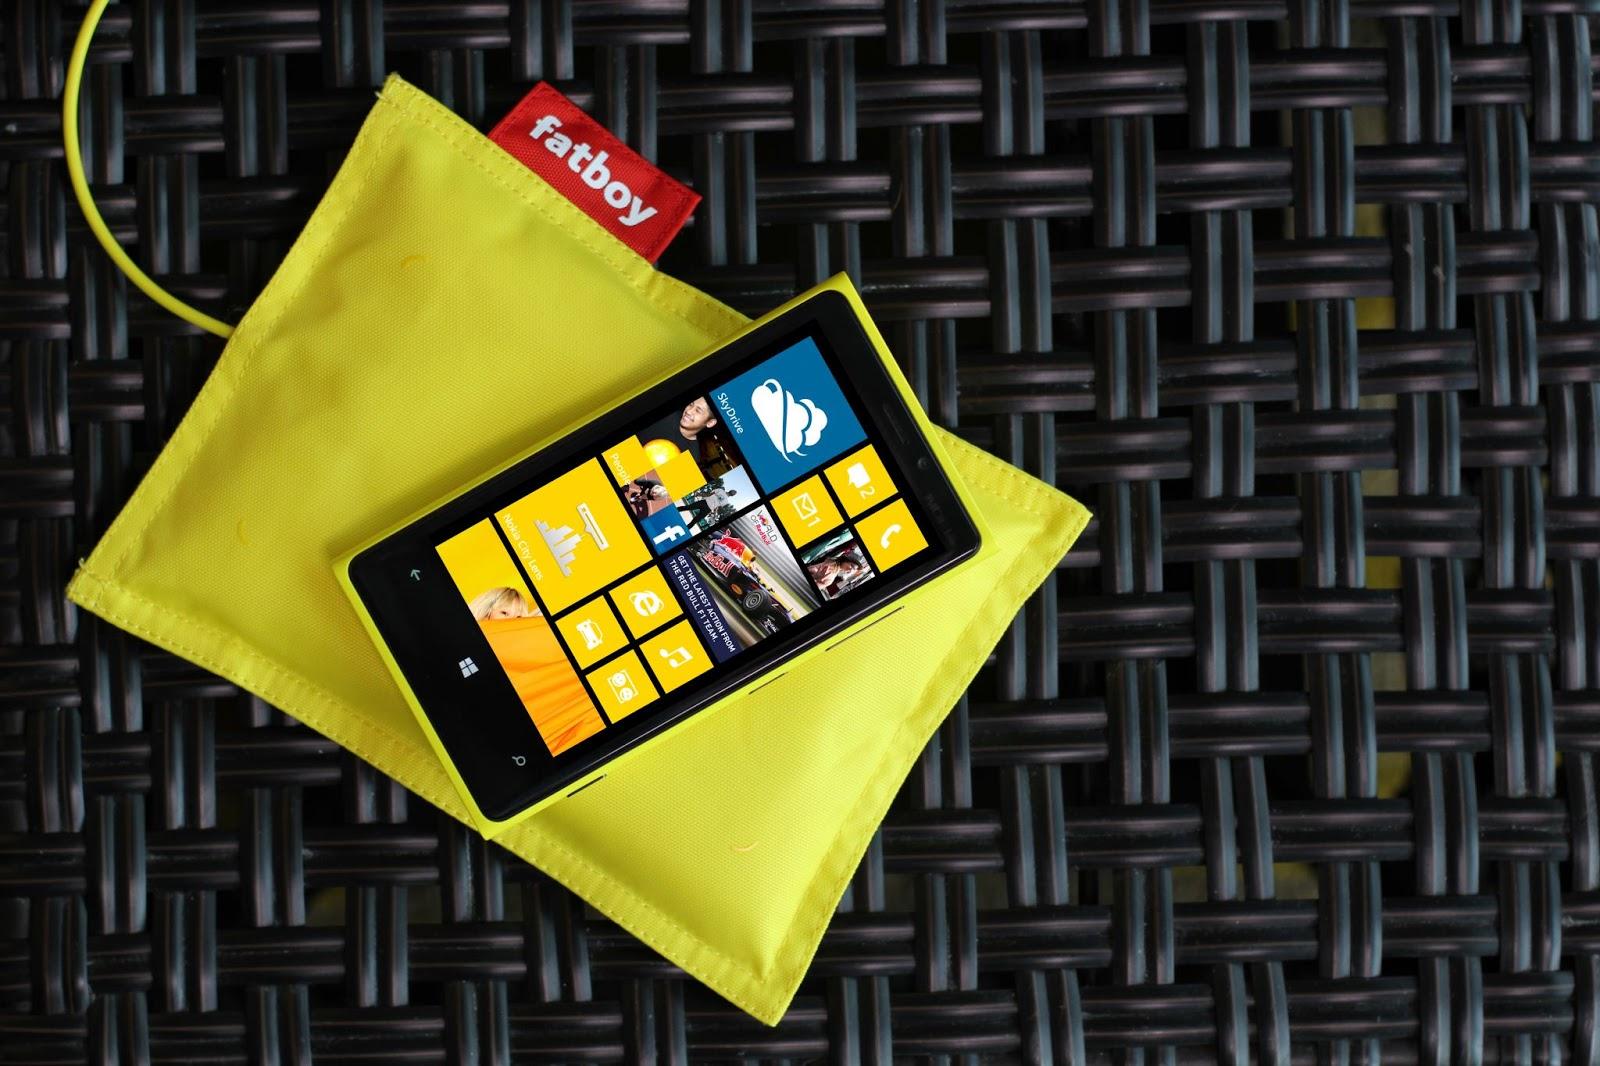 wallpaper nokia lumia 920 - photo #20